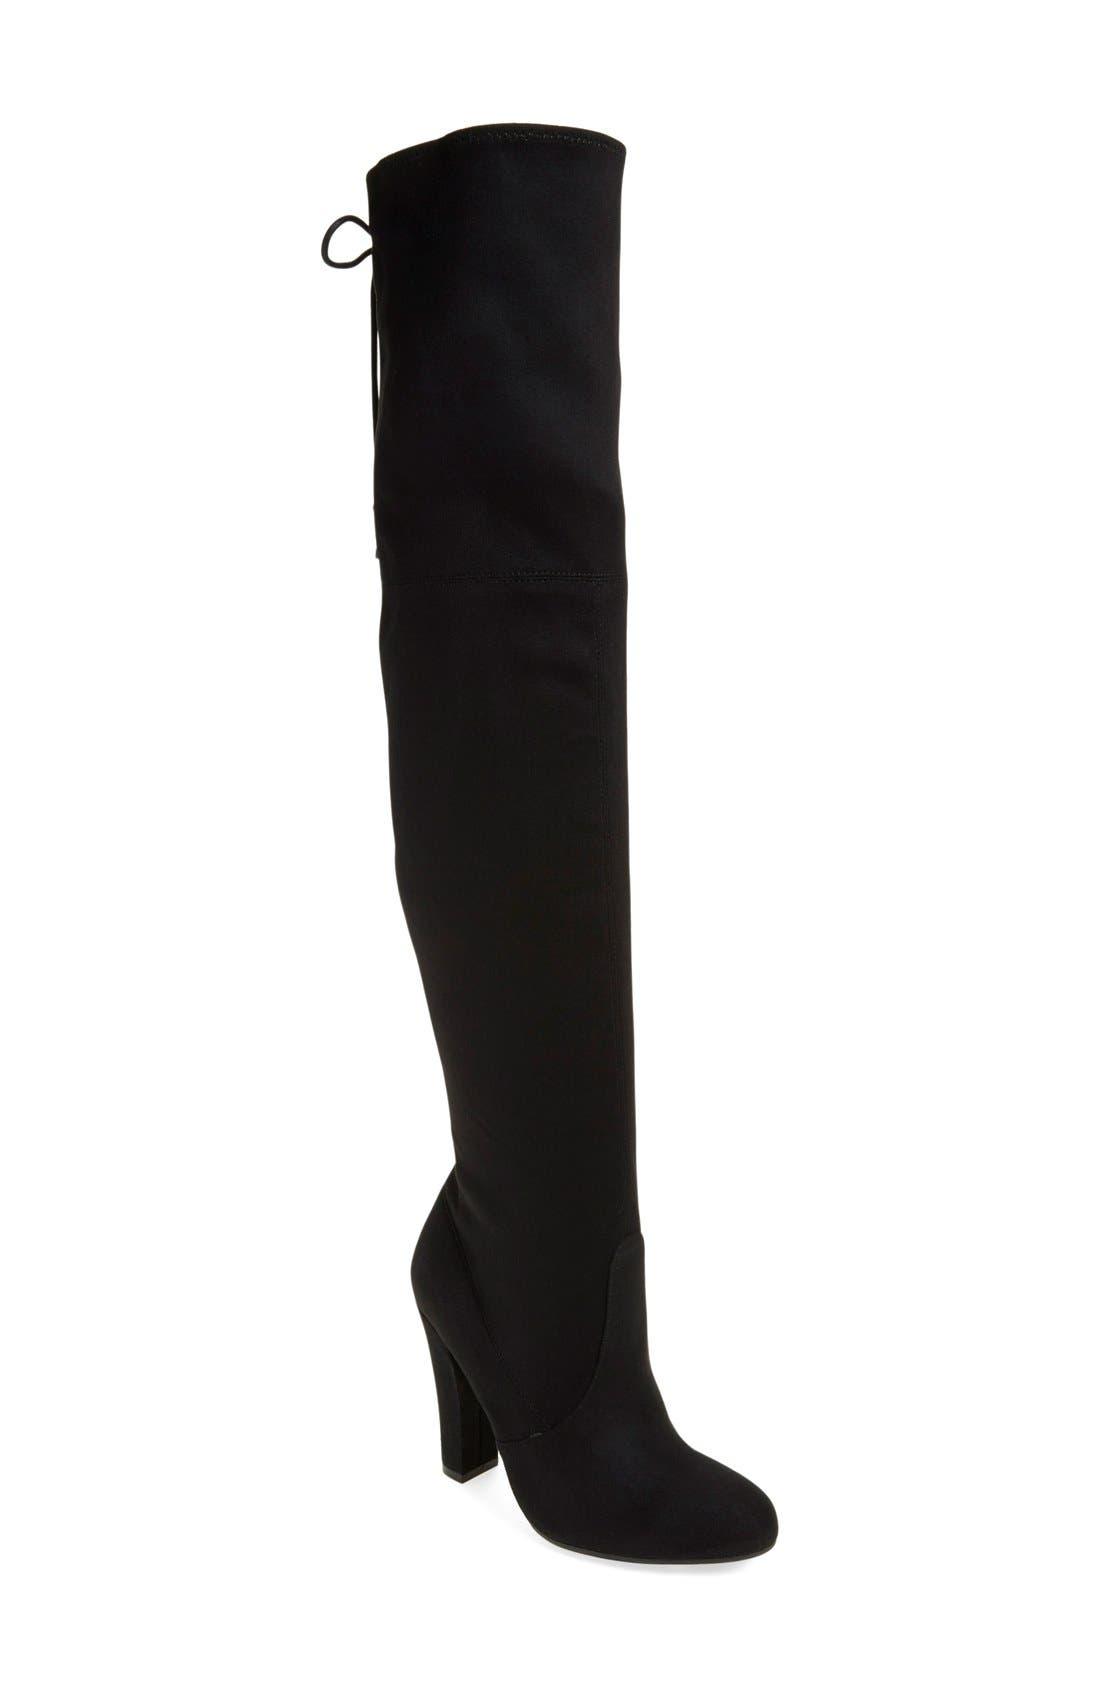 Main Image - Steve Madden 'Gleemer' Over the Knee Boot (Women)